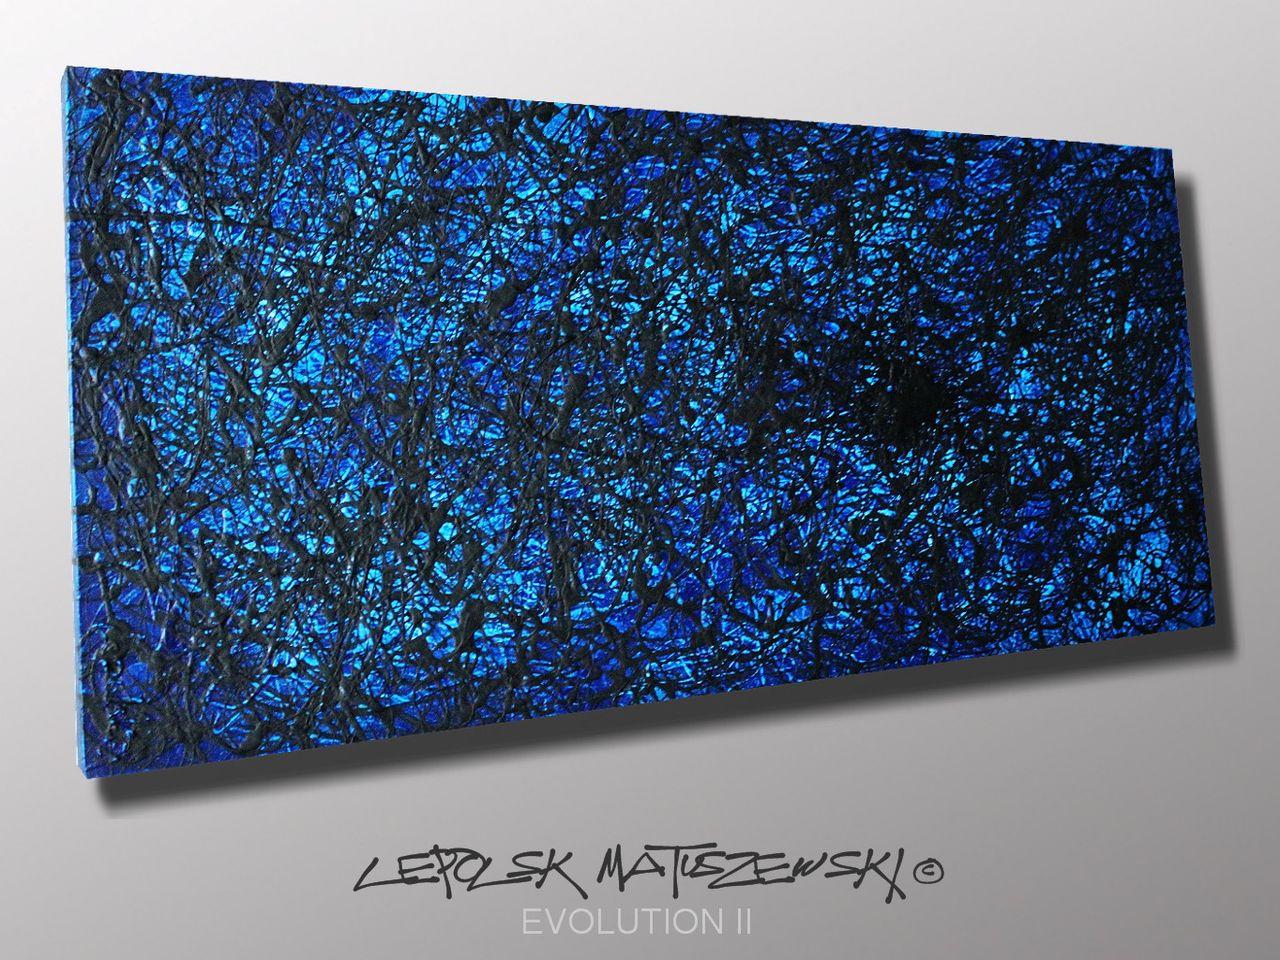 LEPOLSK MATUSZEWSKI EVOLUTION II   Expressionnisme abstrait contemporain